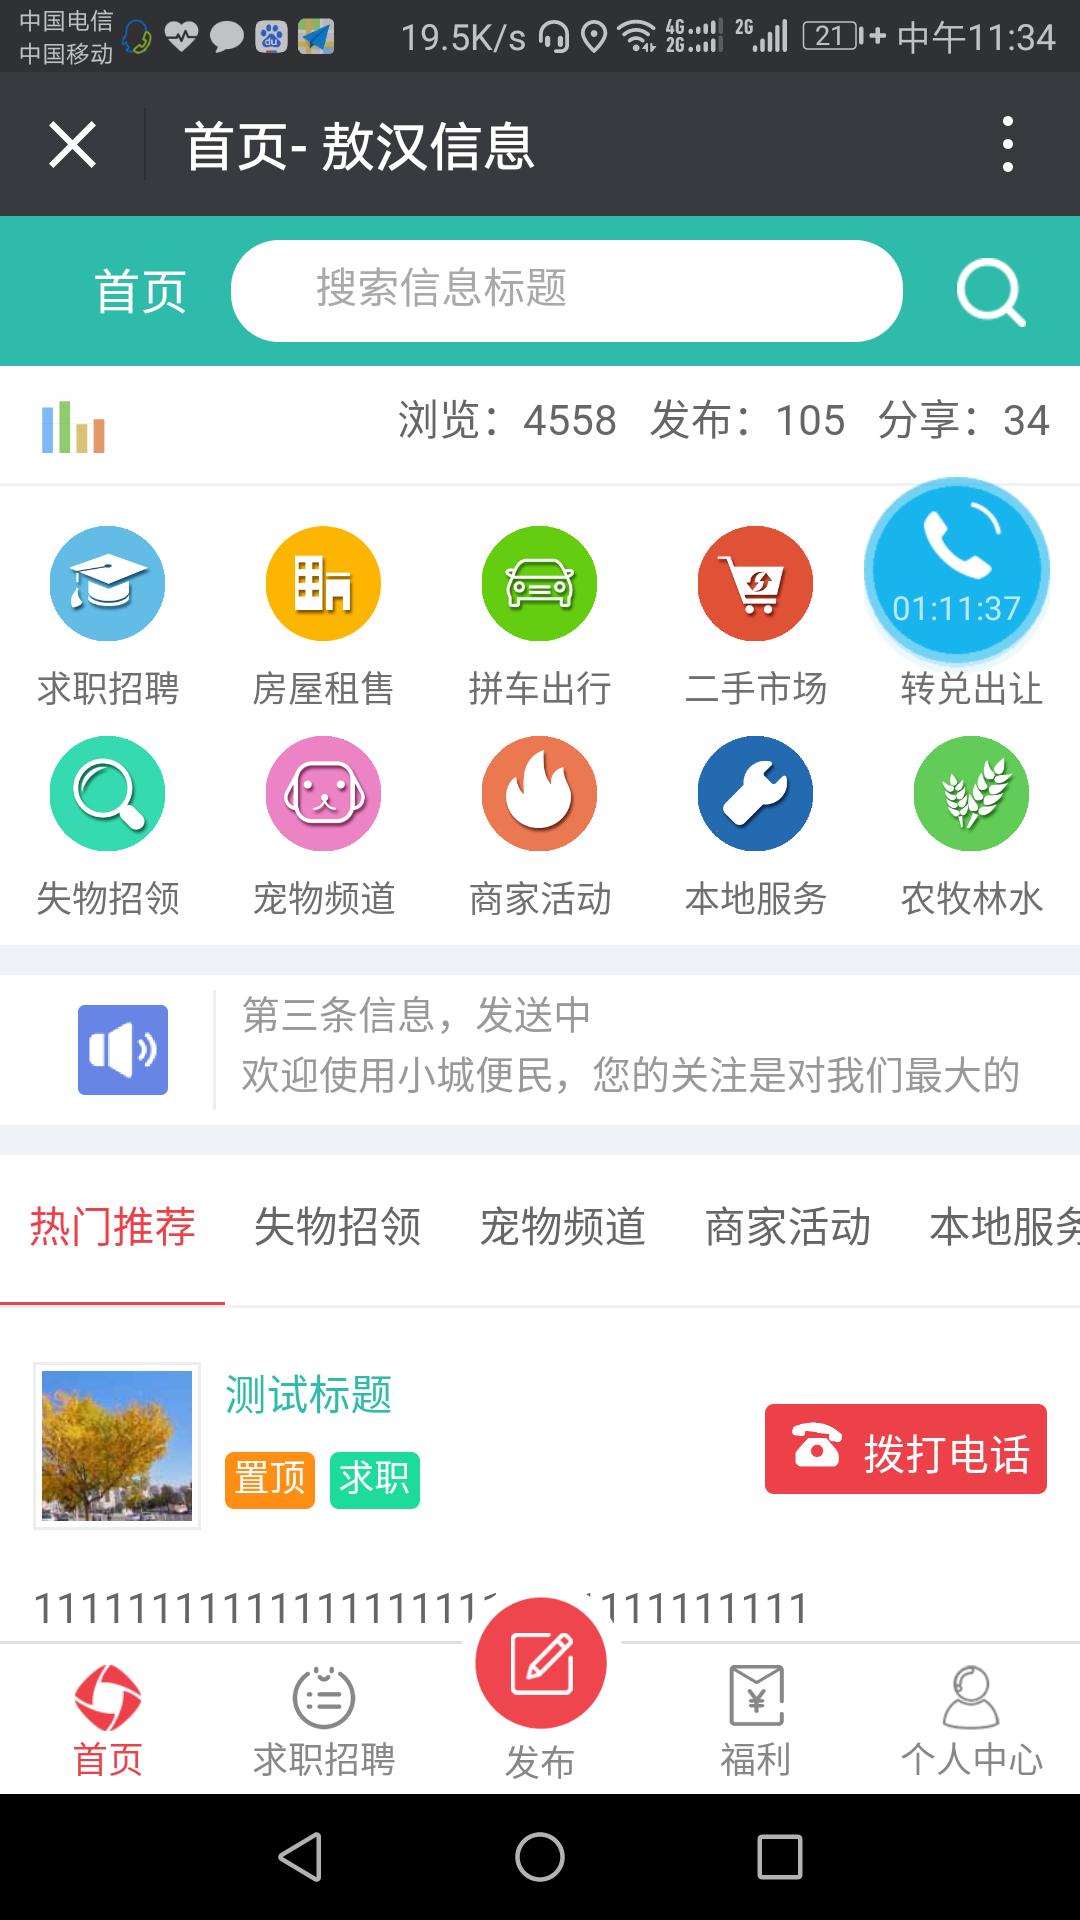 同城信息(小城便民 商业版) 2.47微擎微赞通用模块 微信同城营销